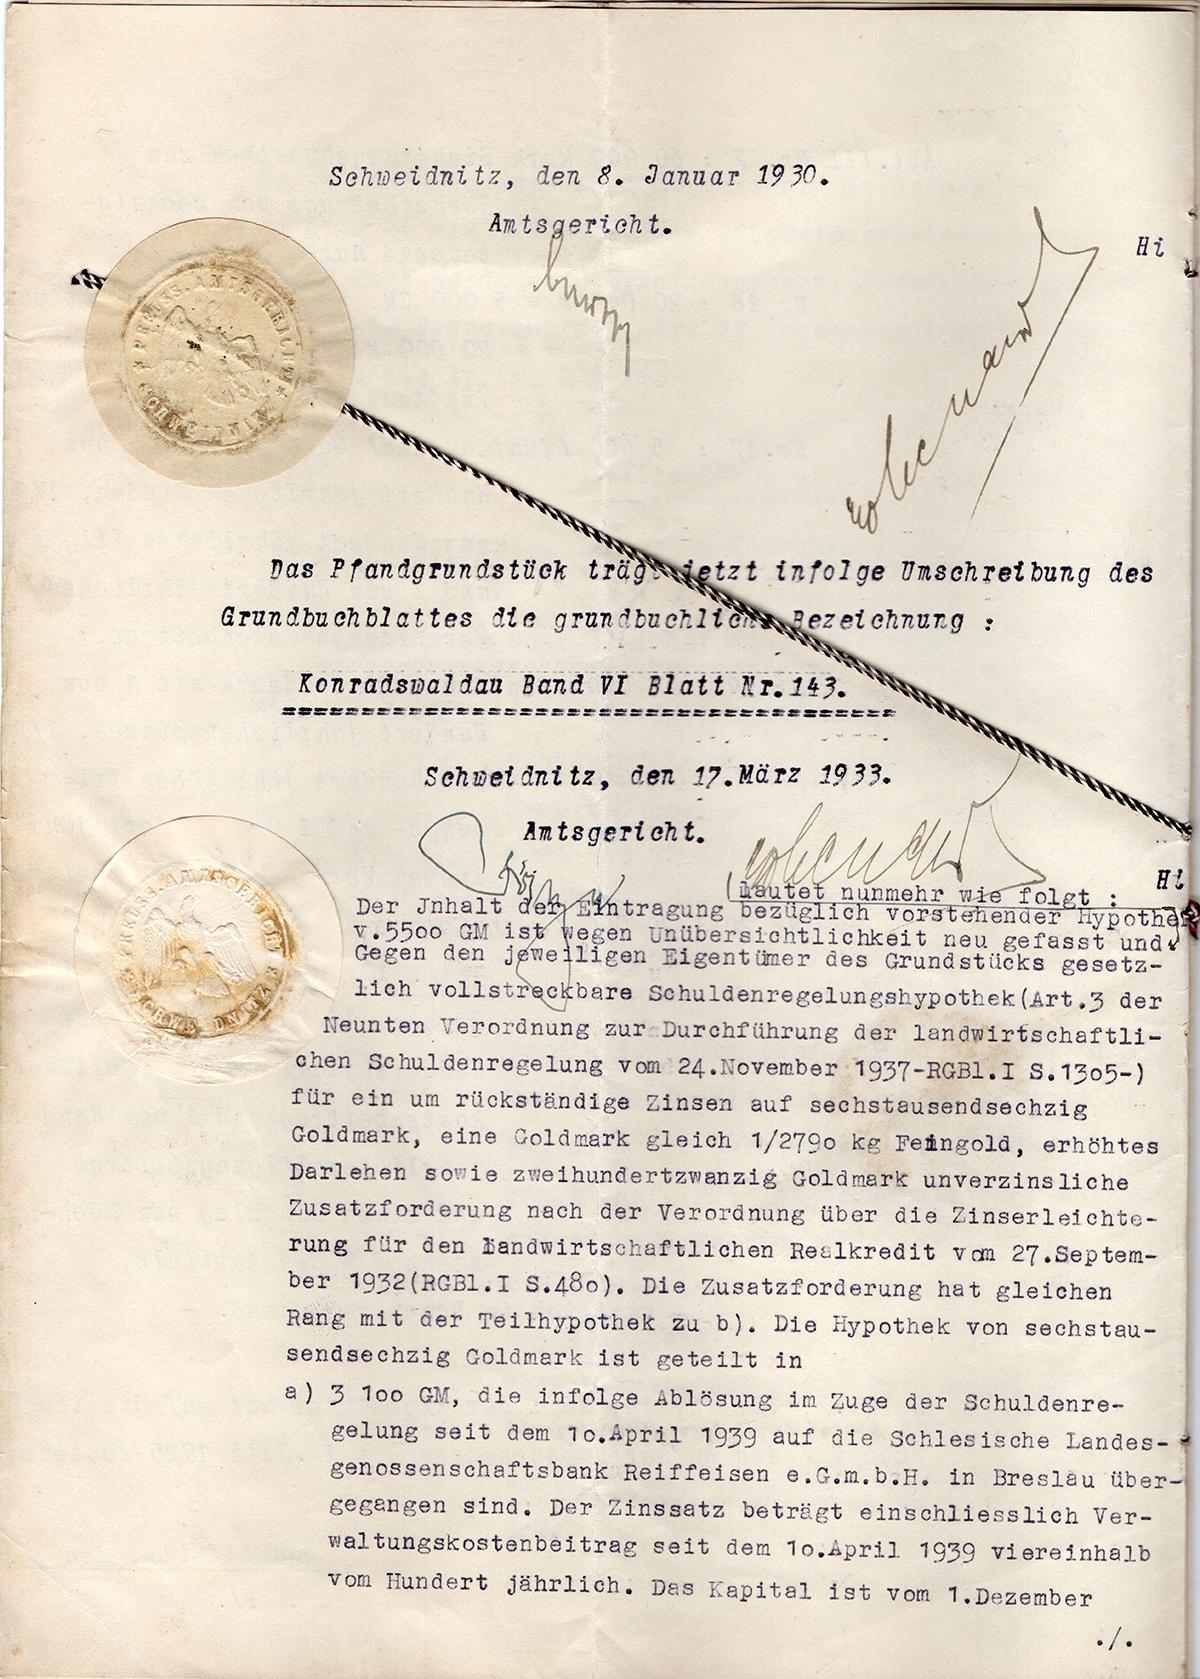 Pożyczka hipoteczna mieszkańca Konradswaldau Martina Langera 1929 (4)